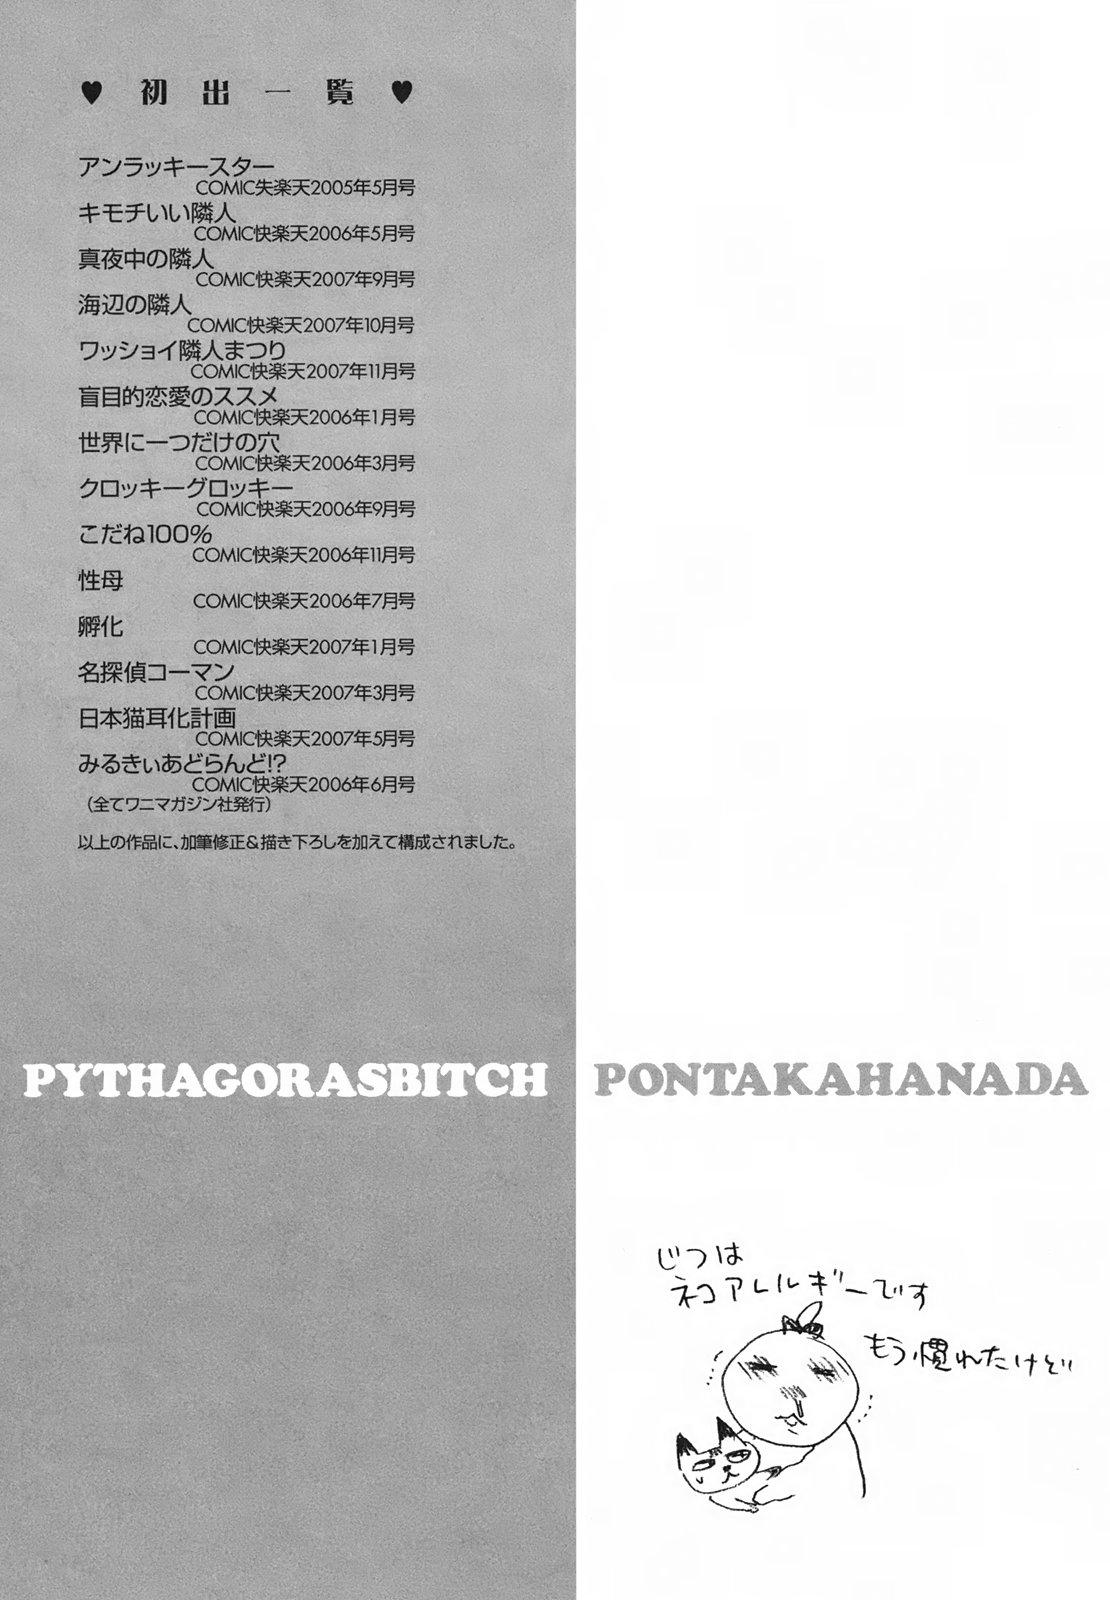 Pythagoras Bitch 191